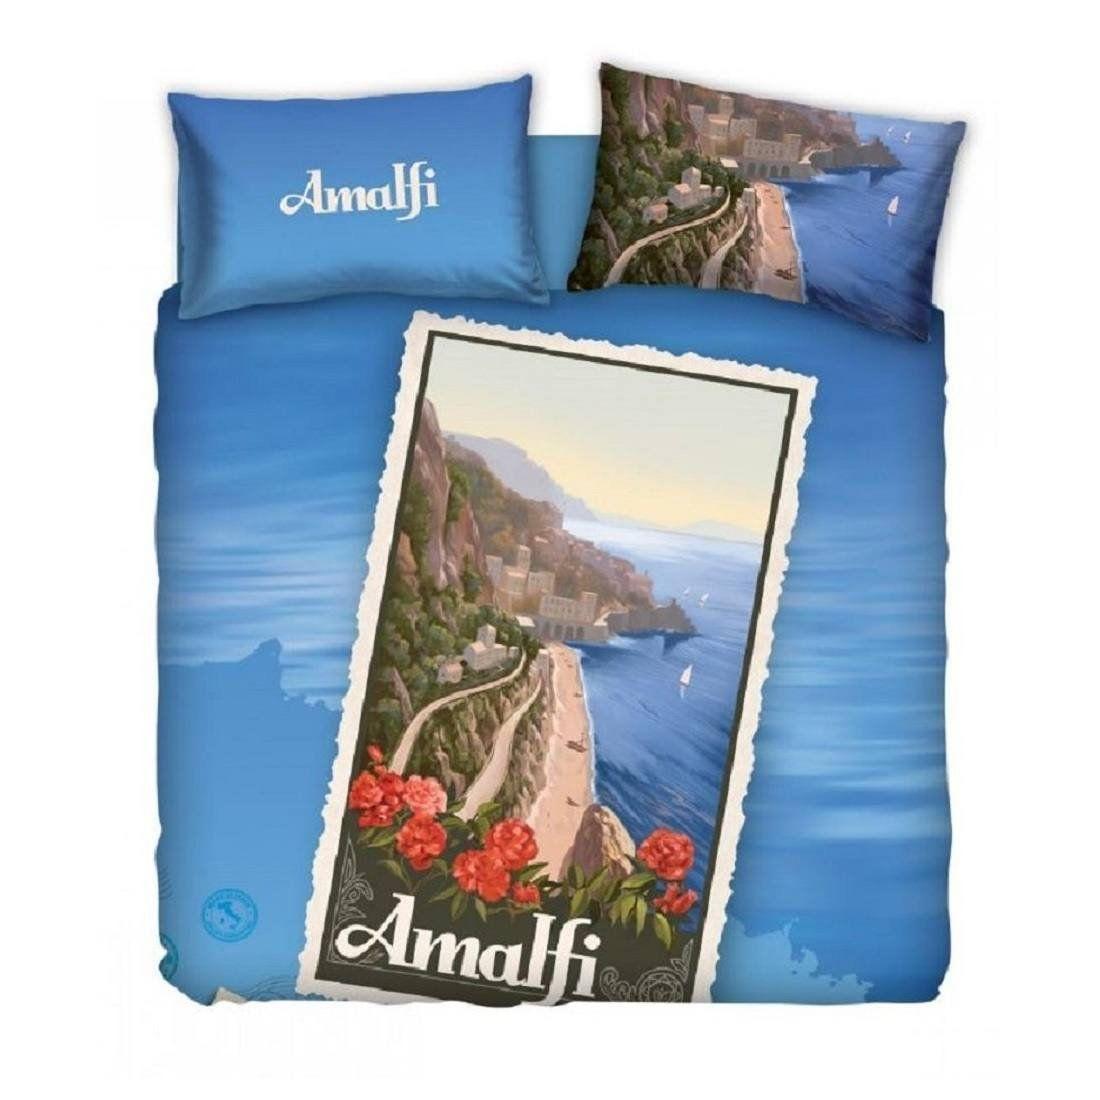 Copripoltrona Relax Bassetti.Copripiumino Bassetti Imagine Souvenir Disegno Amalfi